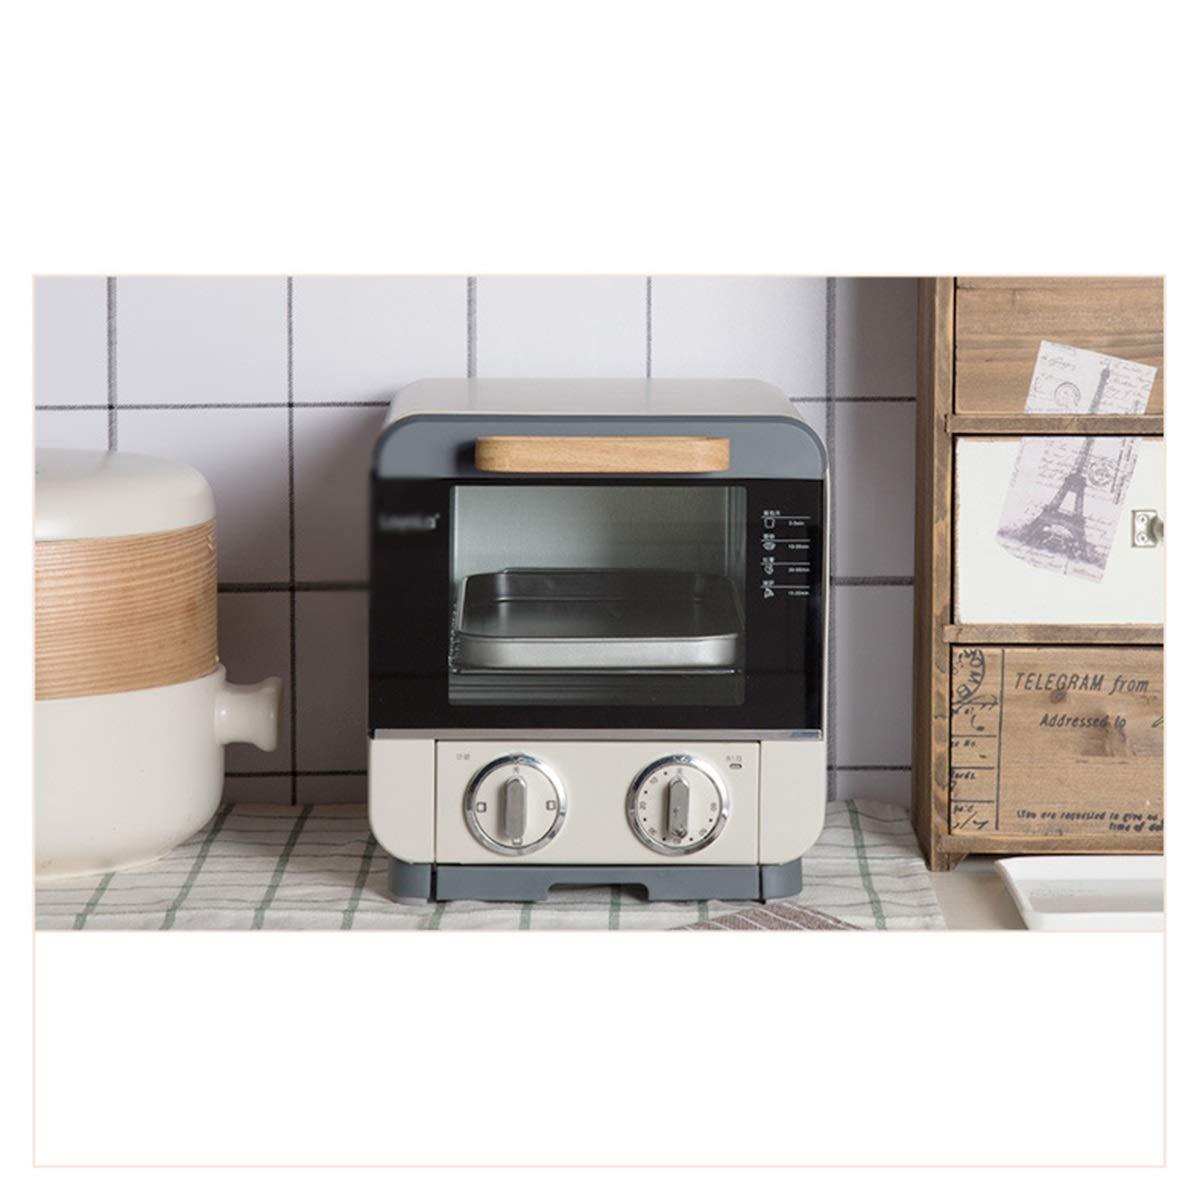 -オーブントースター オーブン家庭用ベーキングオーブン多機能オーブンフルオートミニトースター小型オーブン  ミニオーブン KDJHP B07QWD4NHG  -